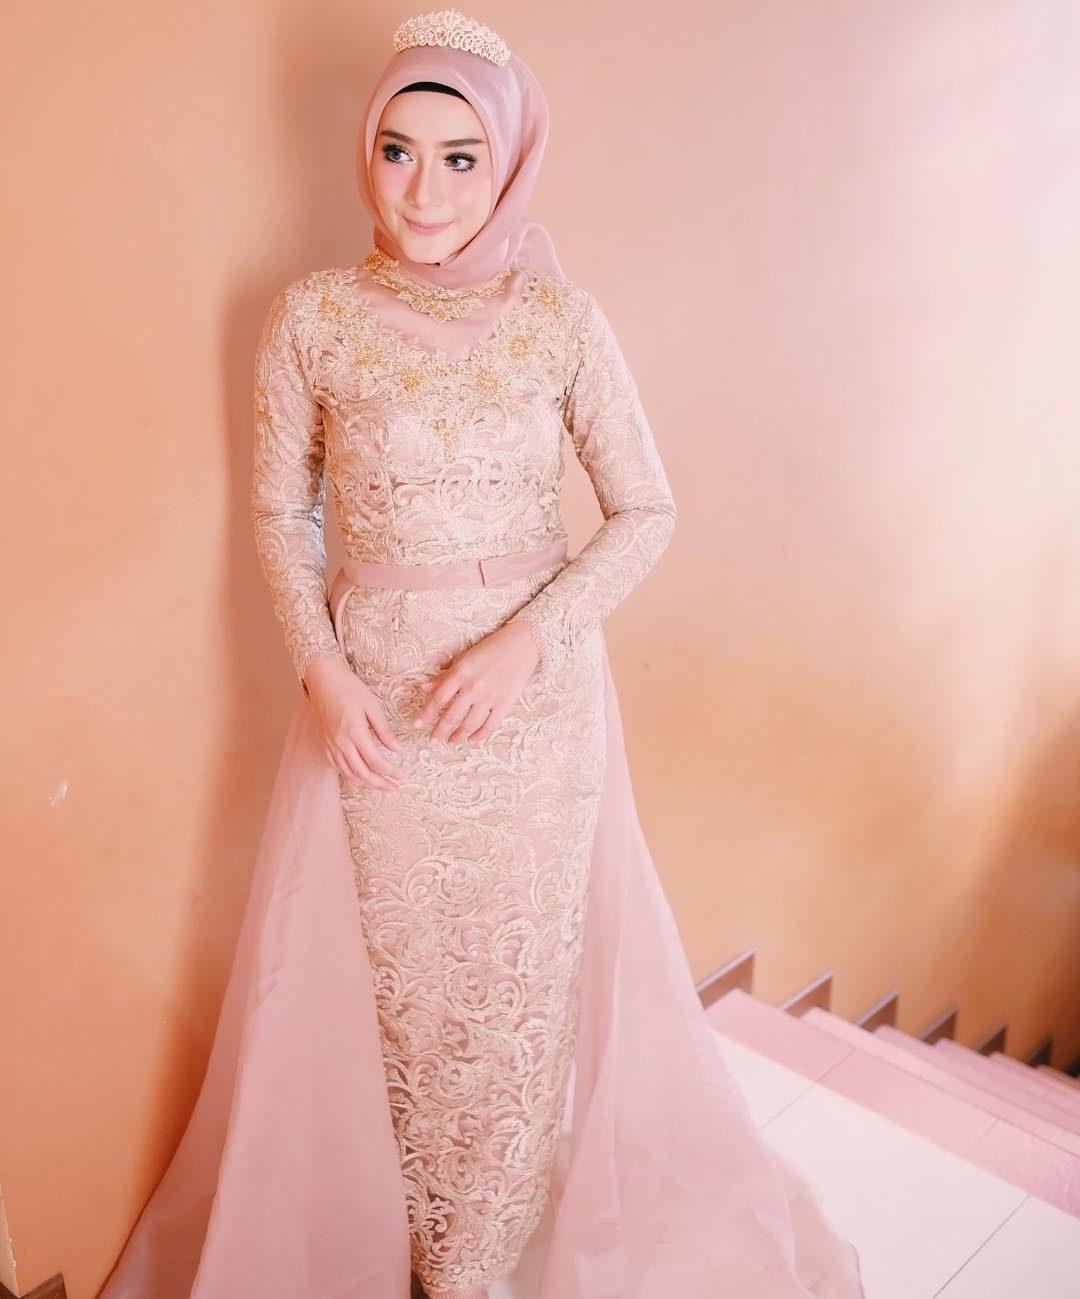 Bentuk Gaun Pernikahan Muslimah Elegan Zwdg 12 Desain Gaun Pernikahan Muslimah Elegan Nan Sederhana